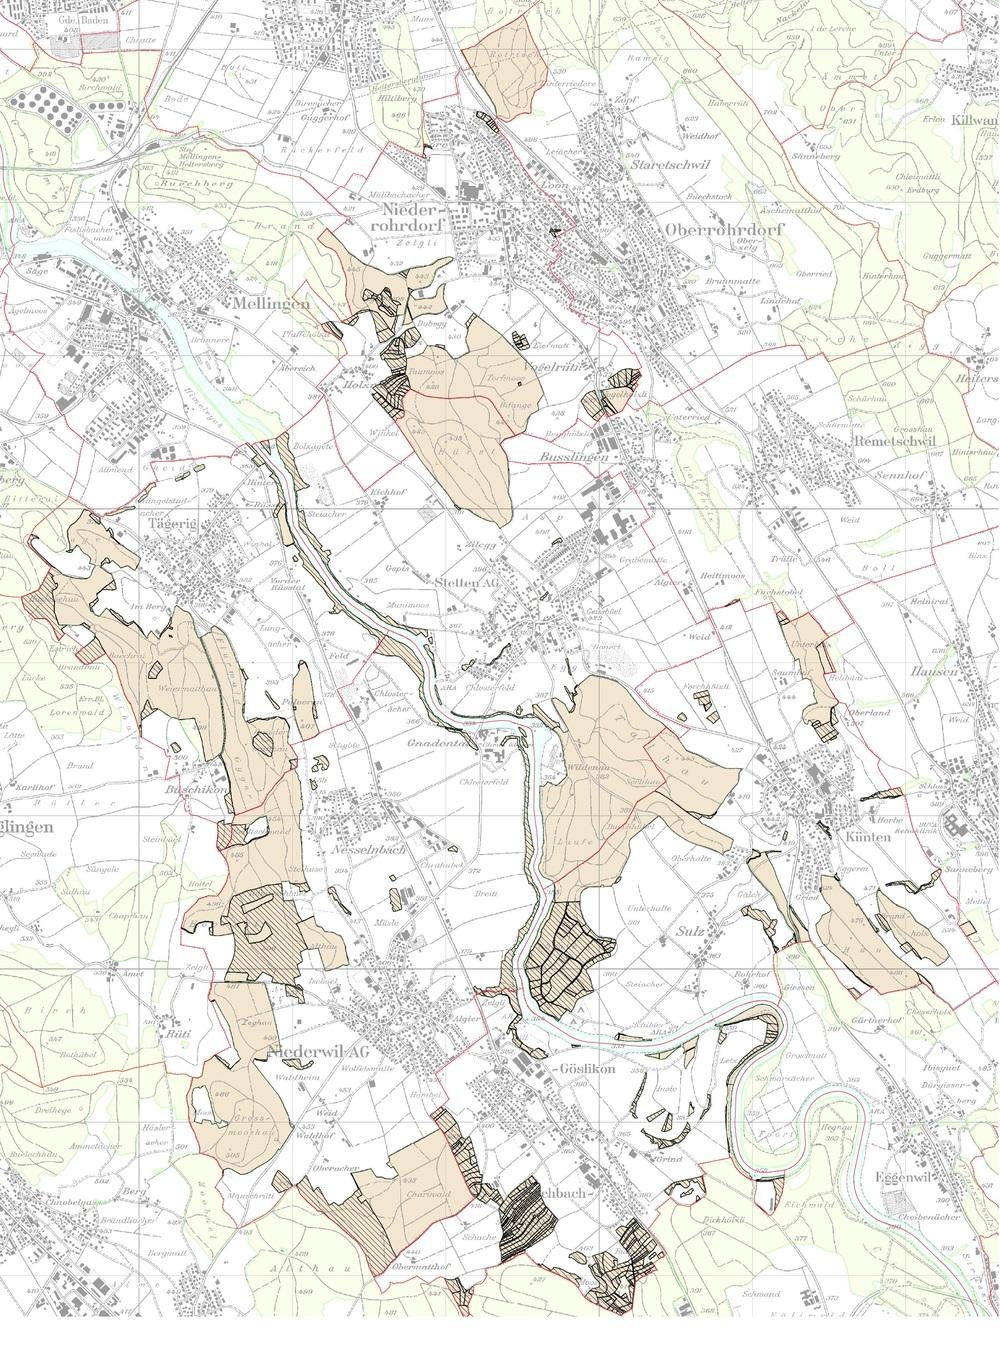 Forstbetrieb Reusstal.jpg